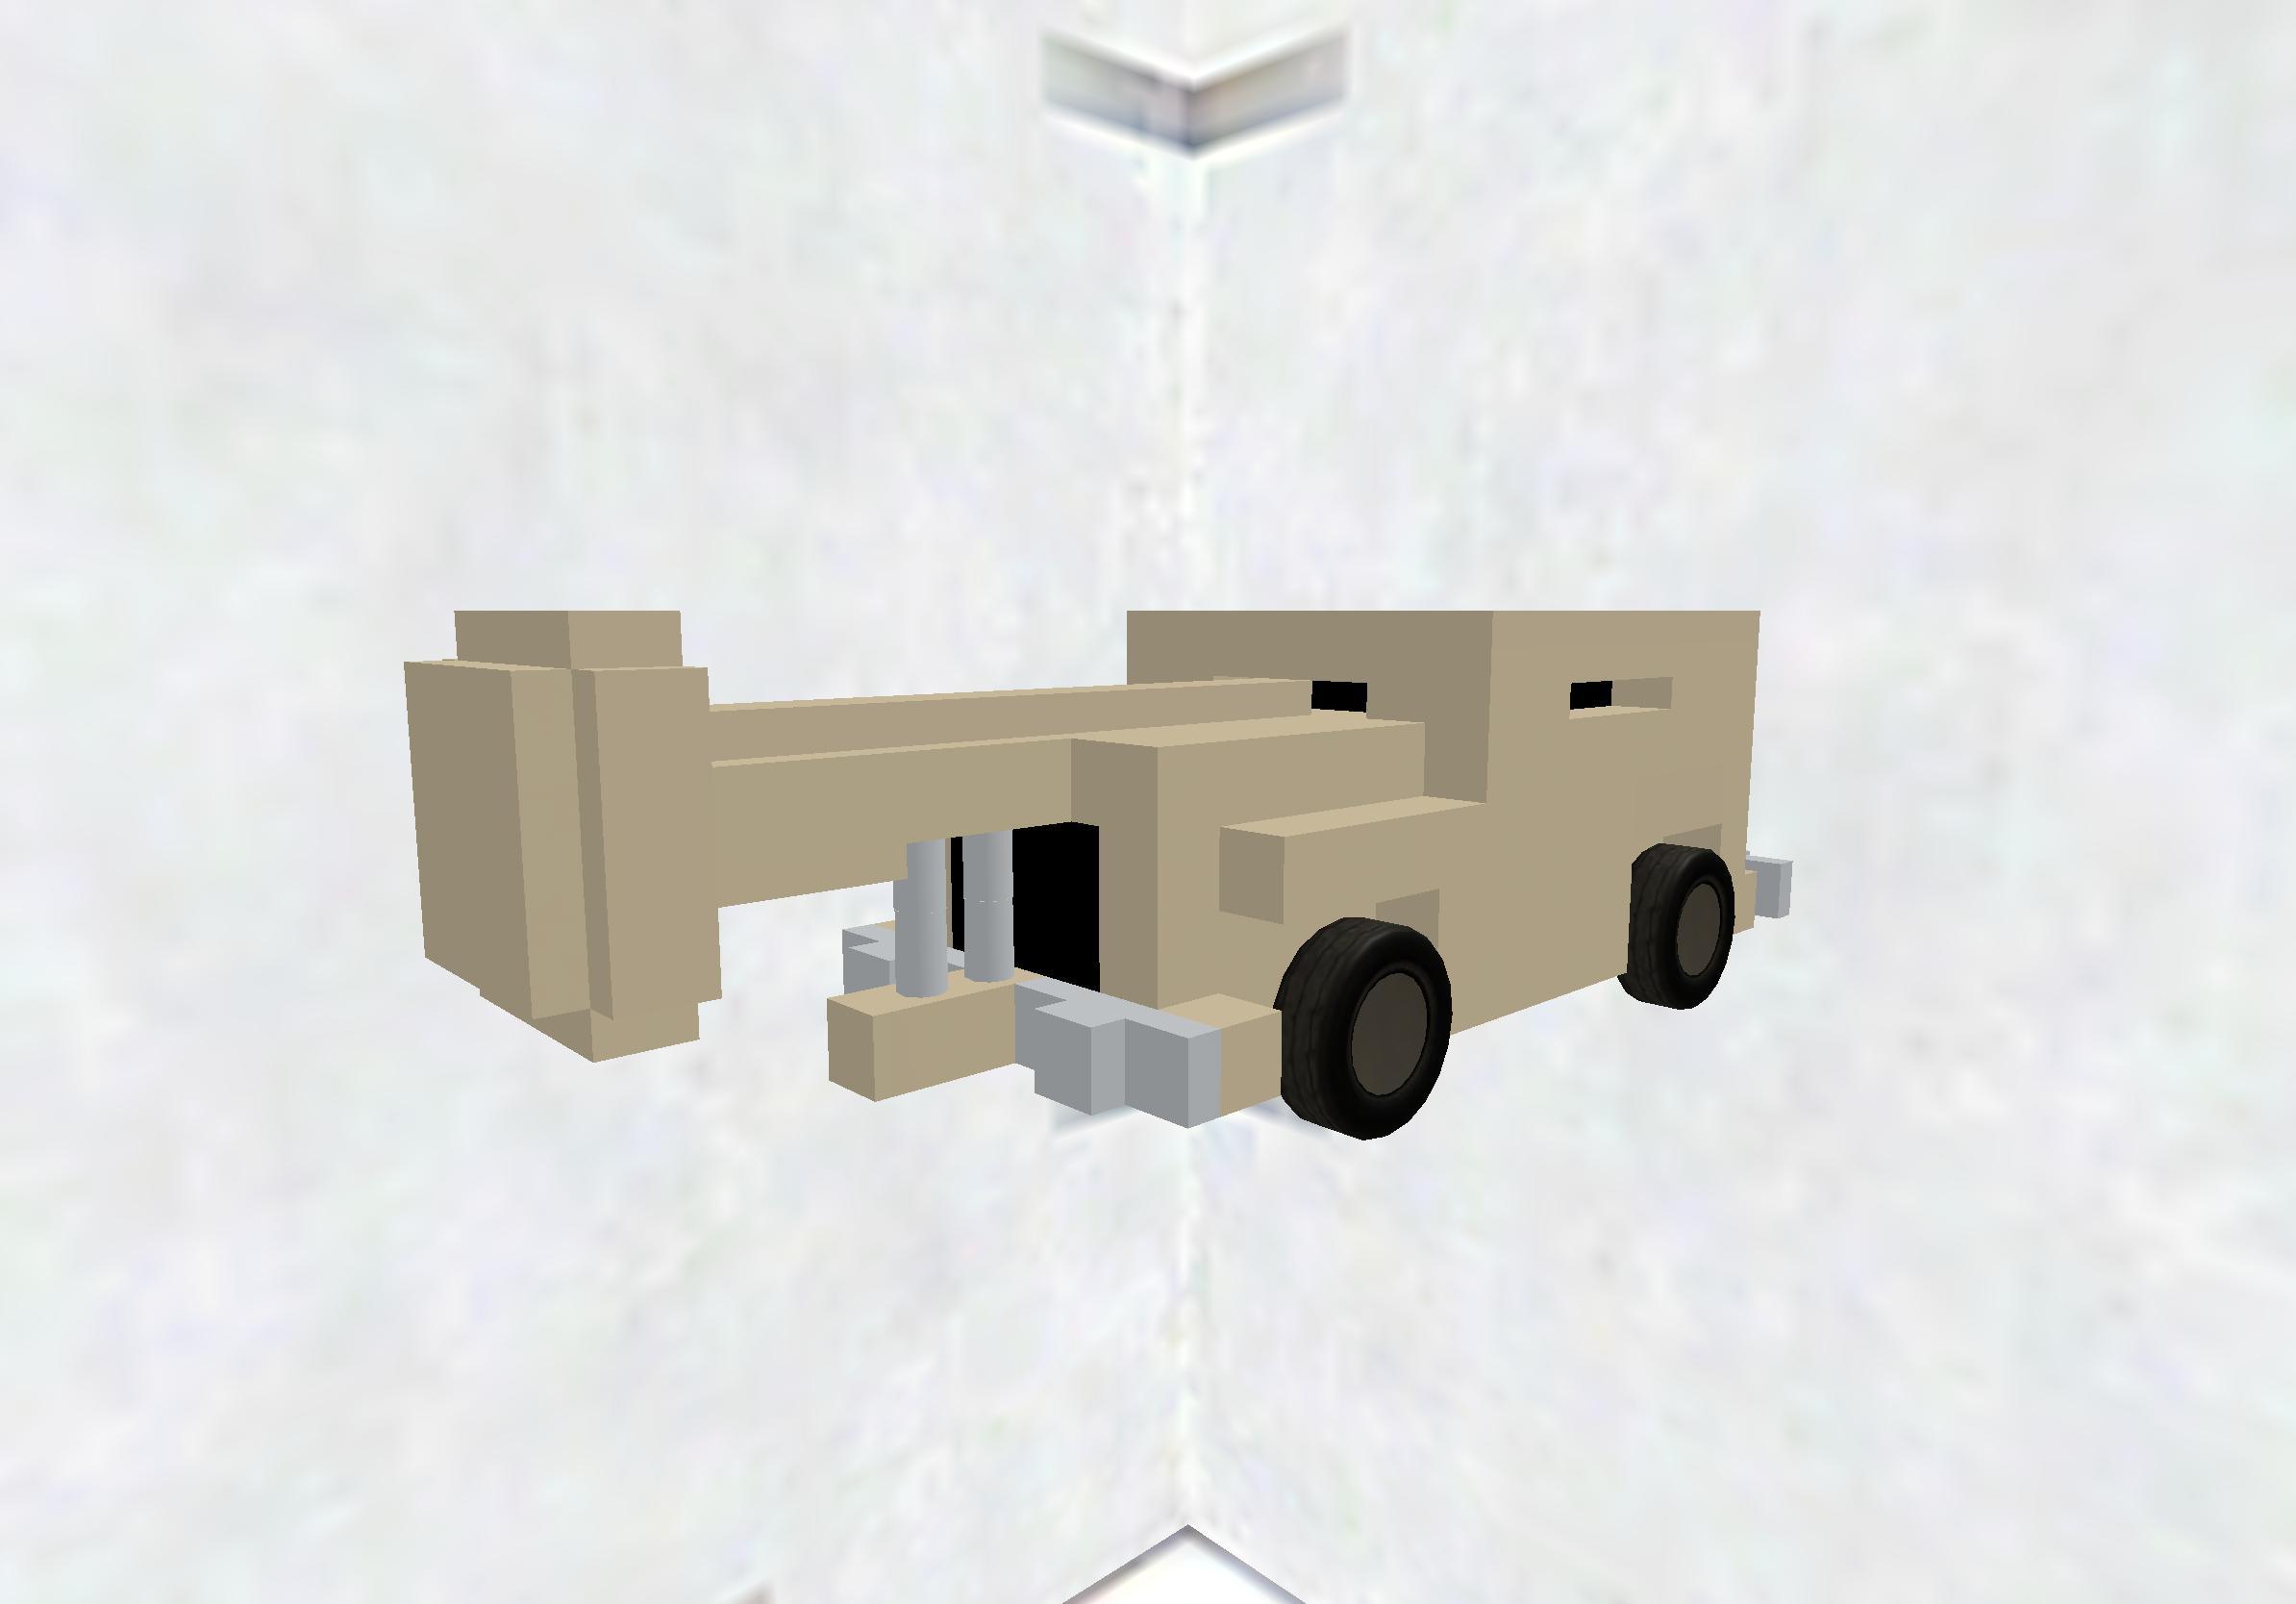 Combat truck